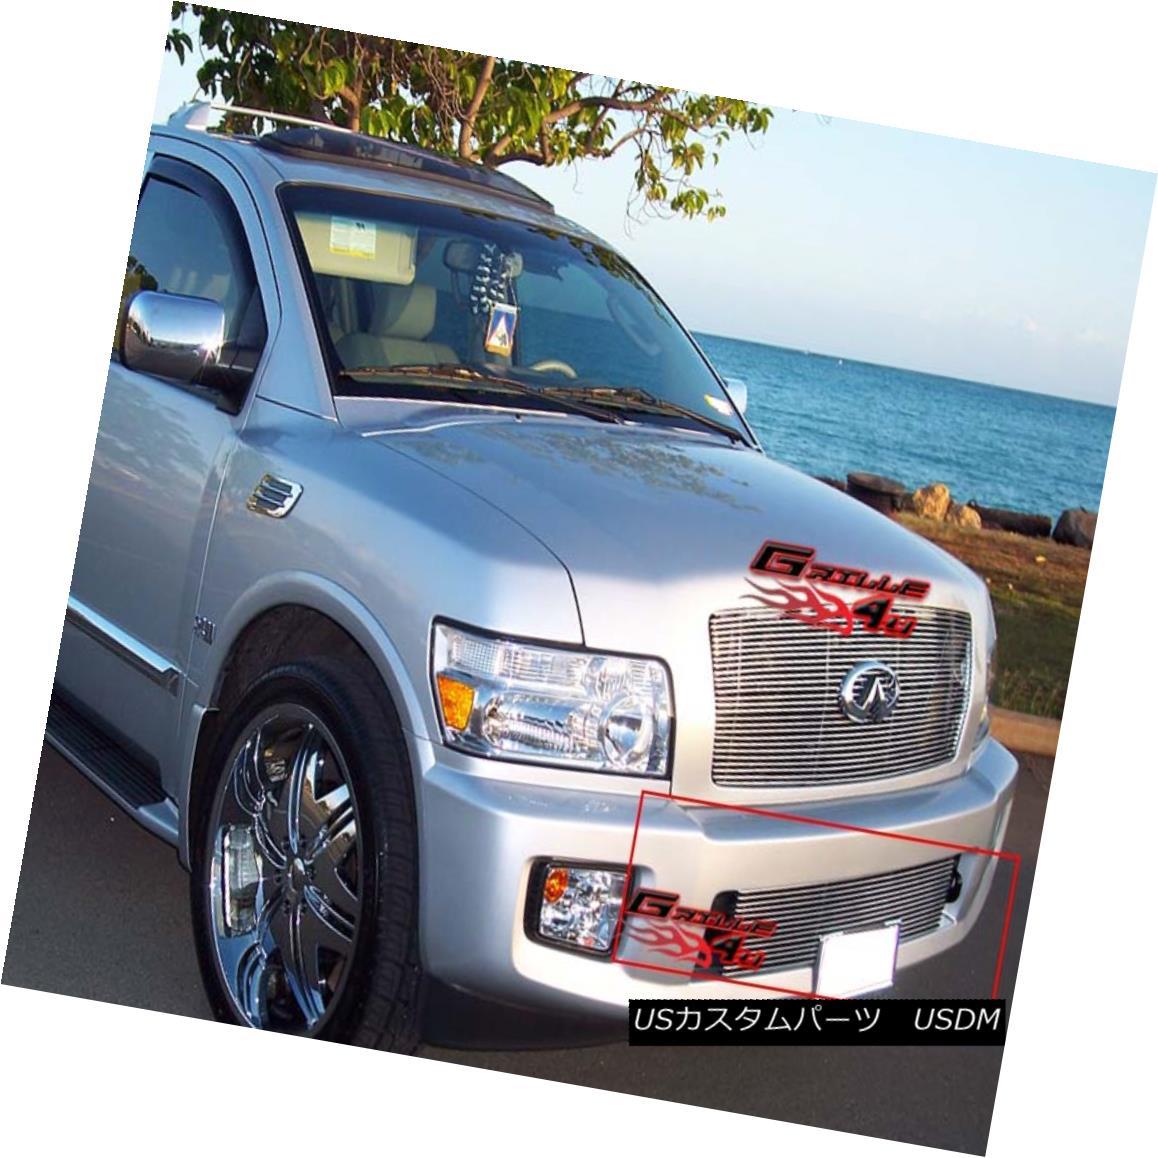 グリル Fits 2004-2010 Infiniti QX56 Bumper Billet Grille Insert フィット2004年?2010年インフィニティQX56バンパービレットグリルインサート